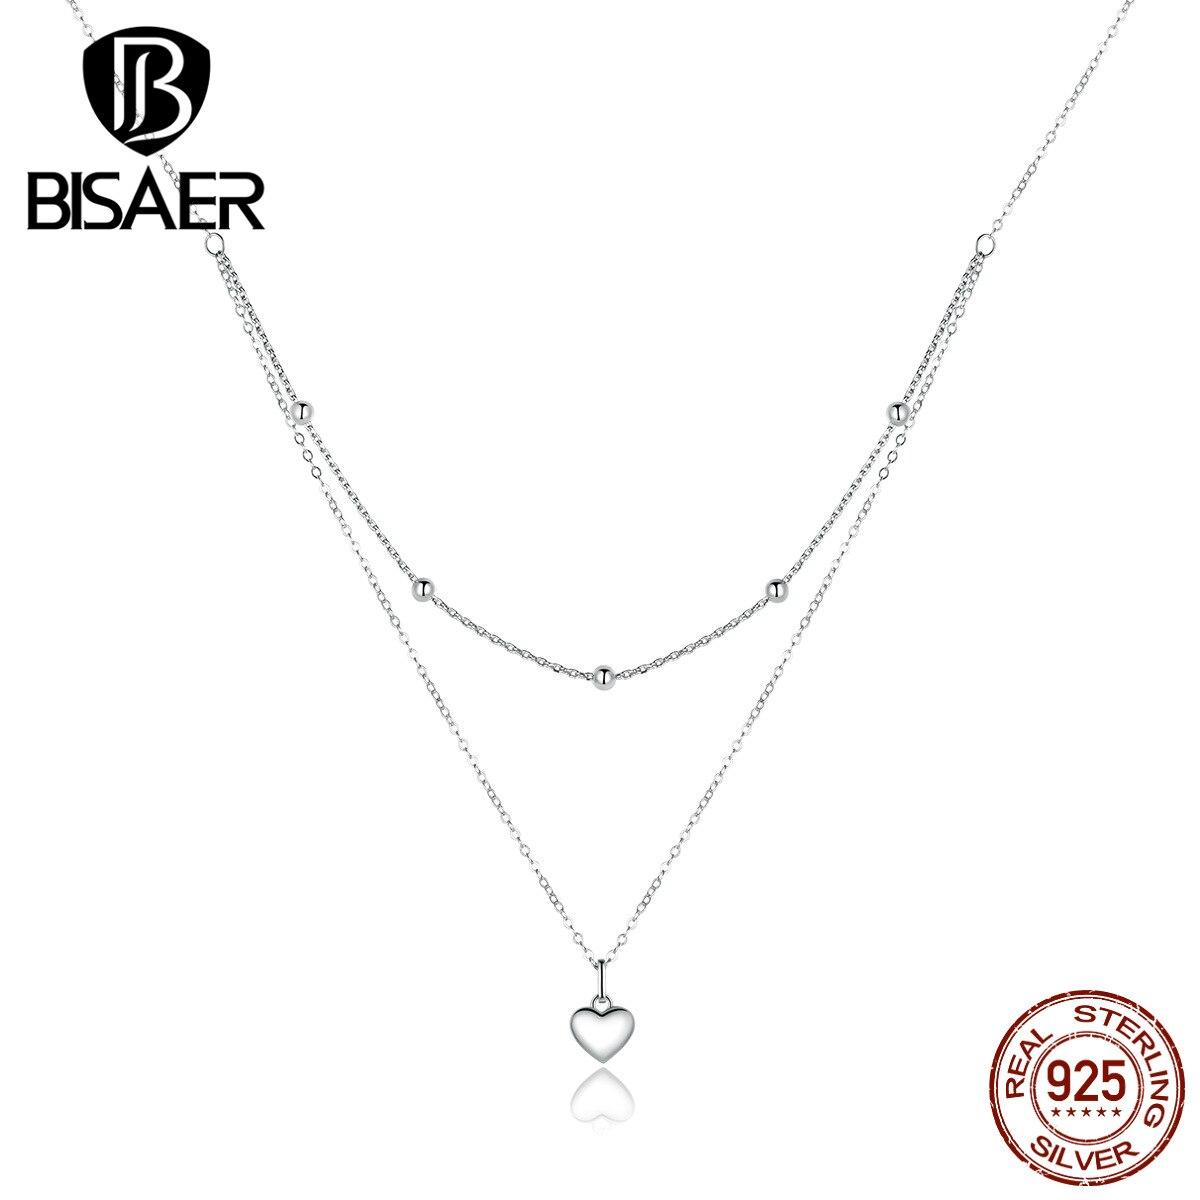 Ожерелье в форме сердца s BISAER, 925 пробы, серебро, подарок на день Святого Валентина, ожерелье с сердечком, цепочка для ювелирных изделий EFN168